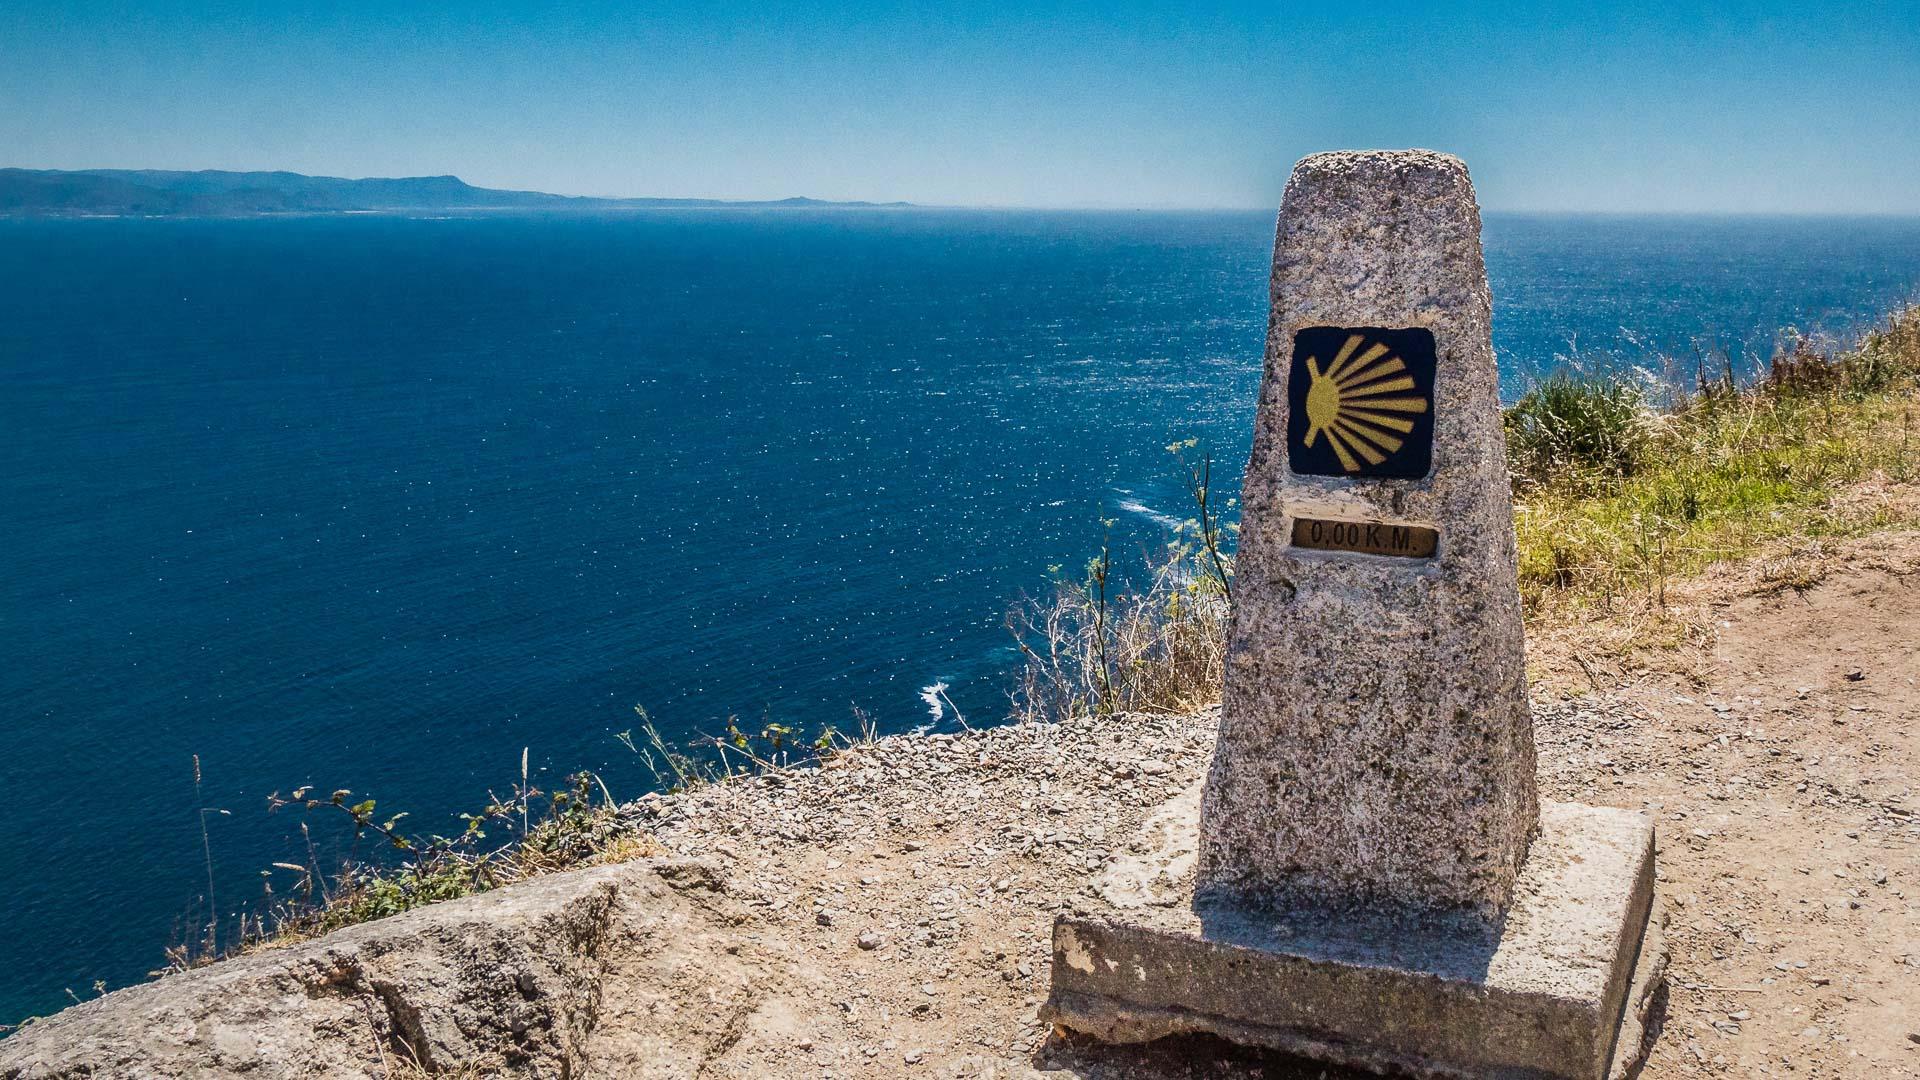 E-Bike Reisen entlang des Jakobweges - am Kap Finisterre war früher die Welt zu Ende, hier ist auch ein weiterer Endpunkt der Reise für viele Pilger